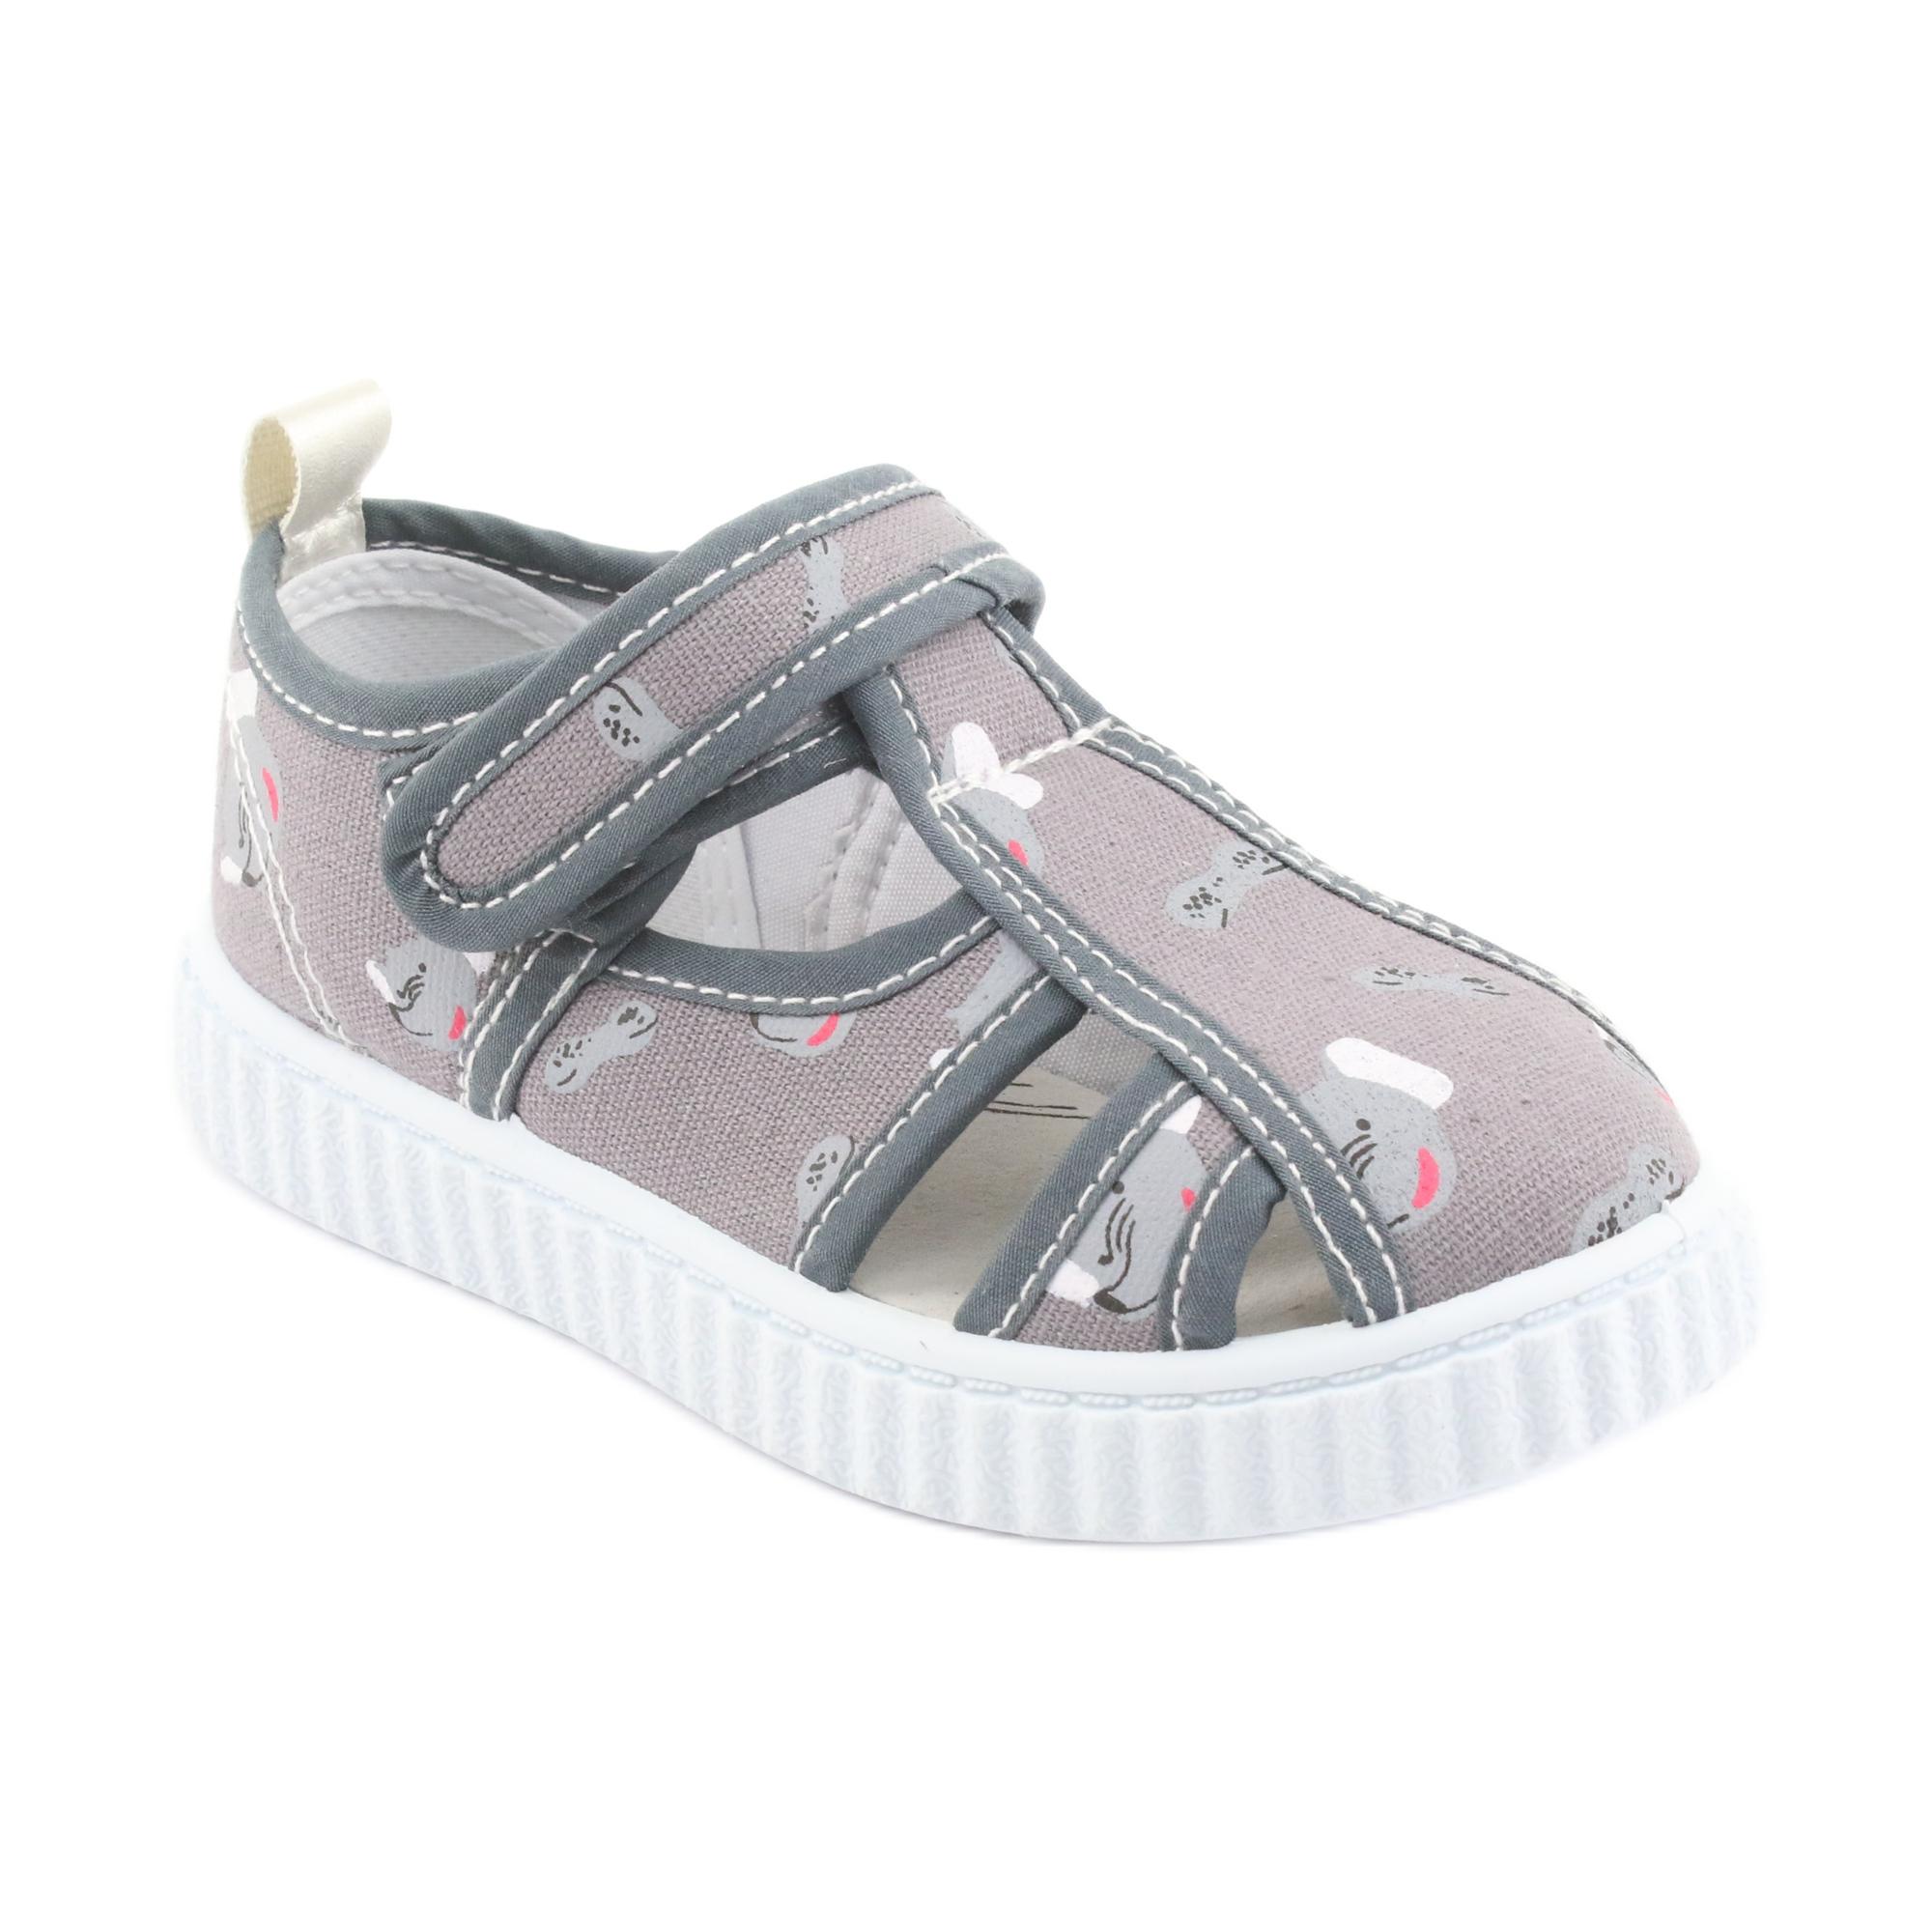 American Chaussures Club Pour Avec Enfants Cuir Velcro Shoes CodexB